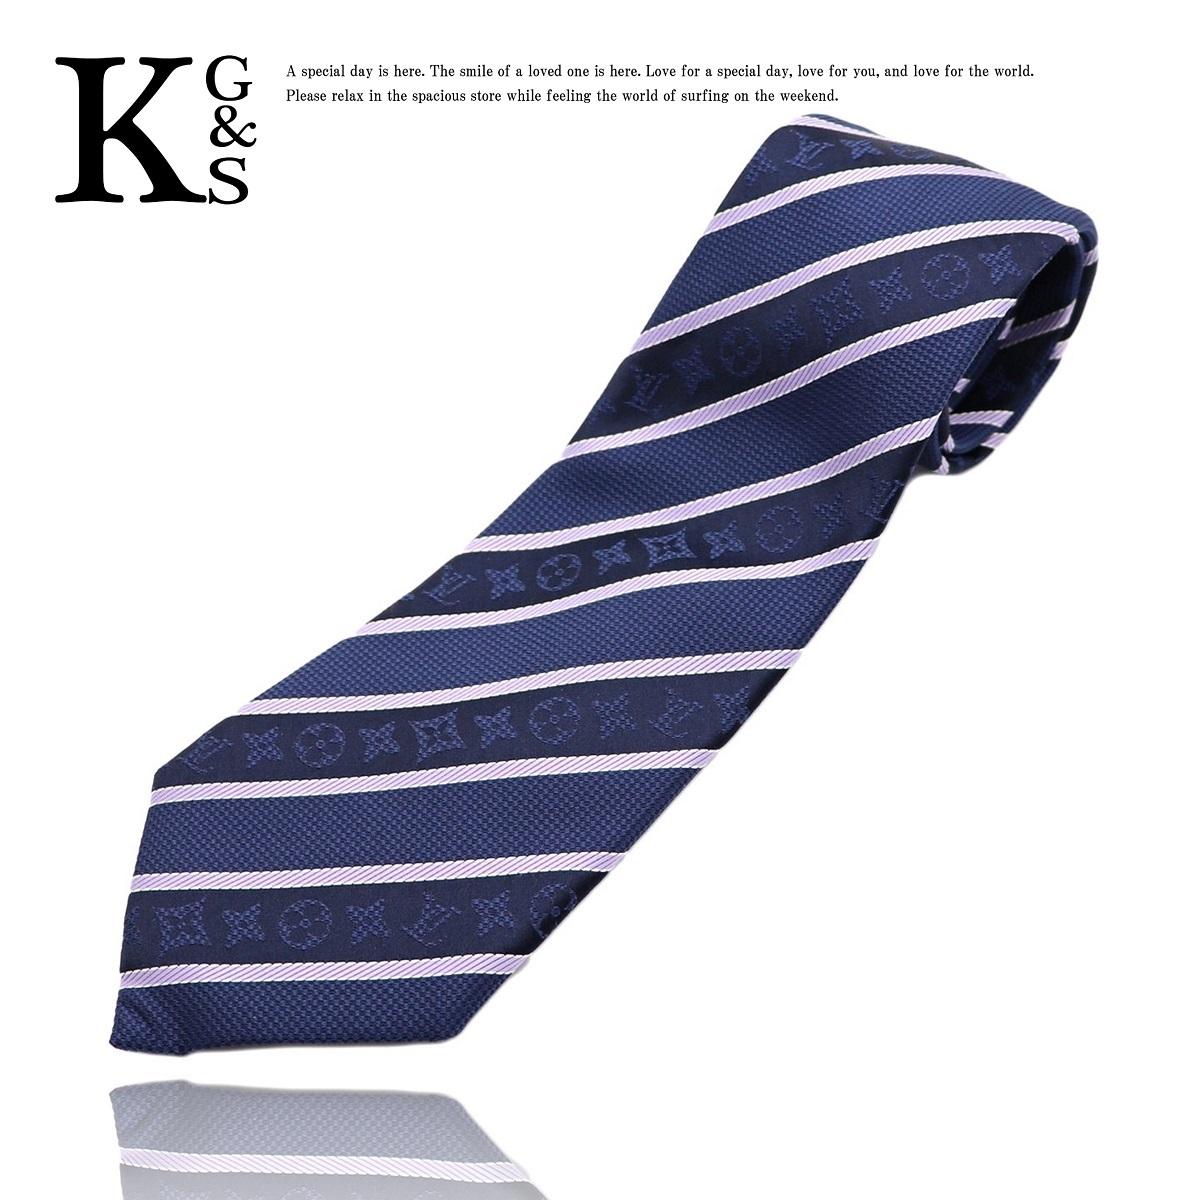 ルイ・ヴィトン(Louis Vuitton) ロゴ ストライプ メンズ ネクタイ シルク ストライプ ネイビー